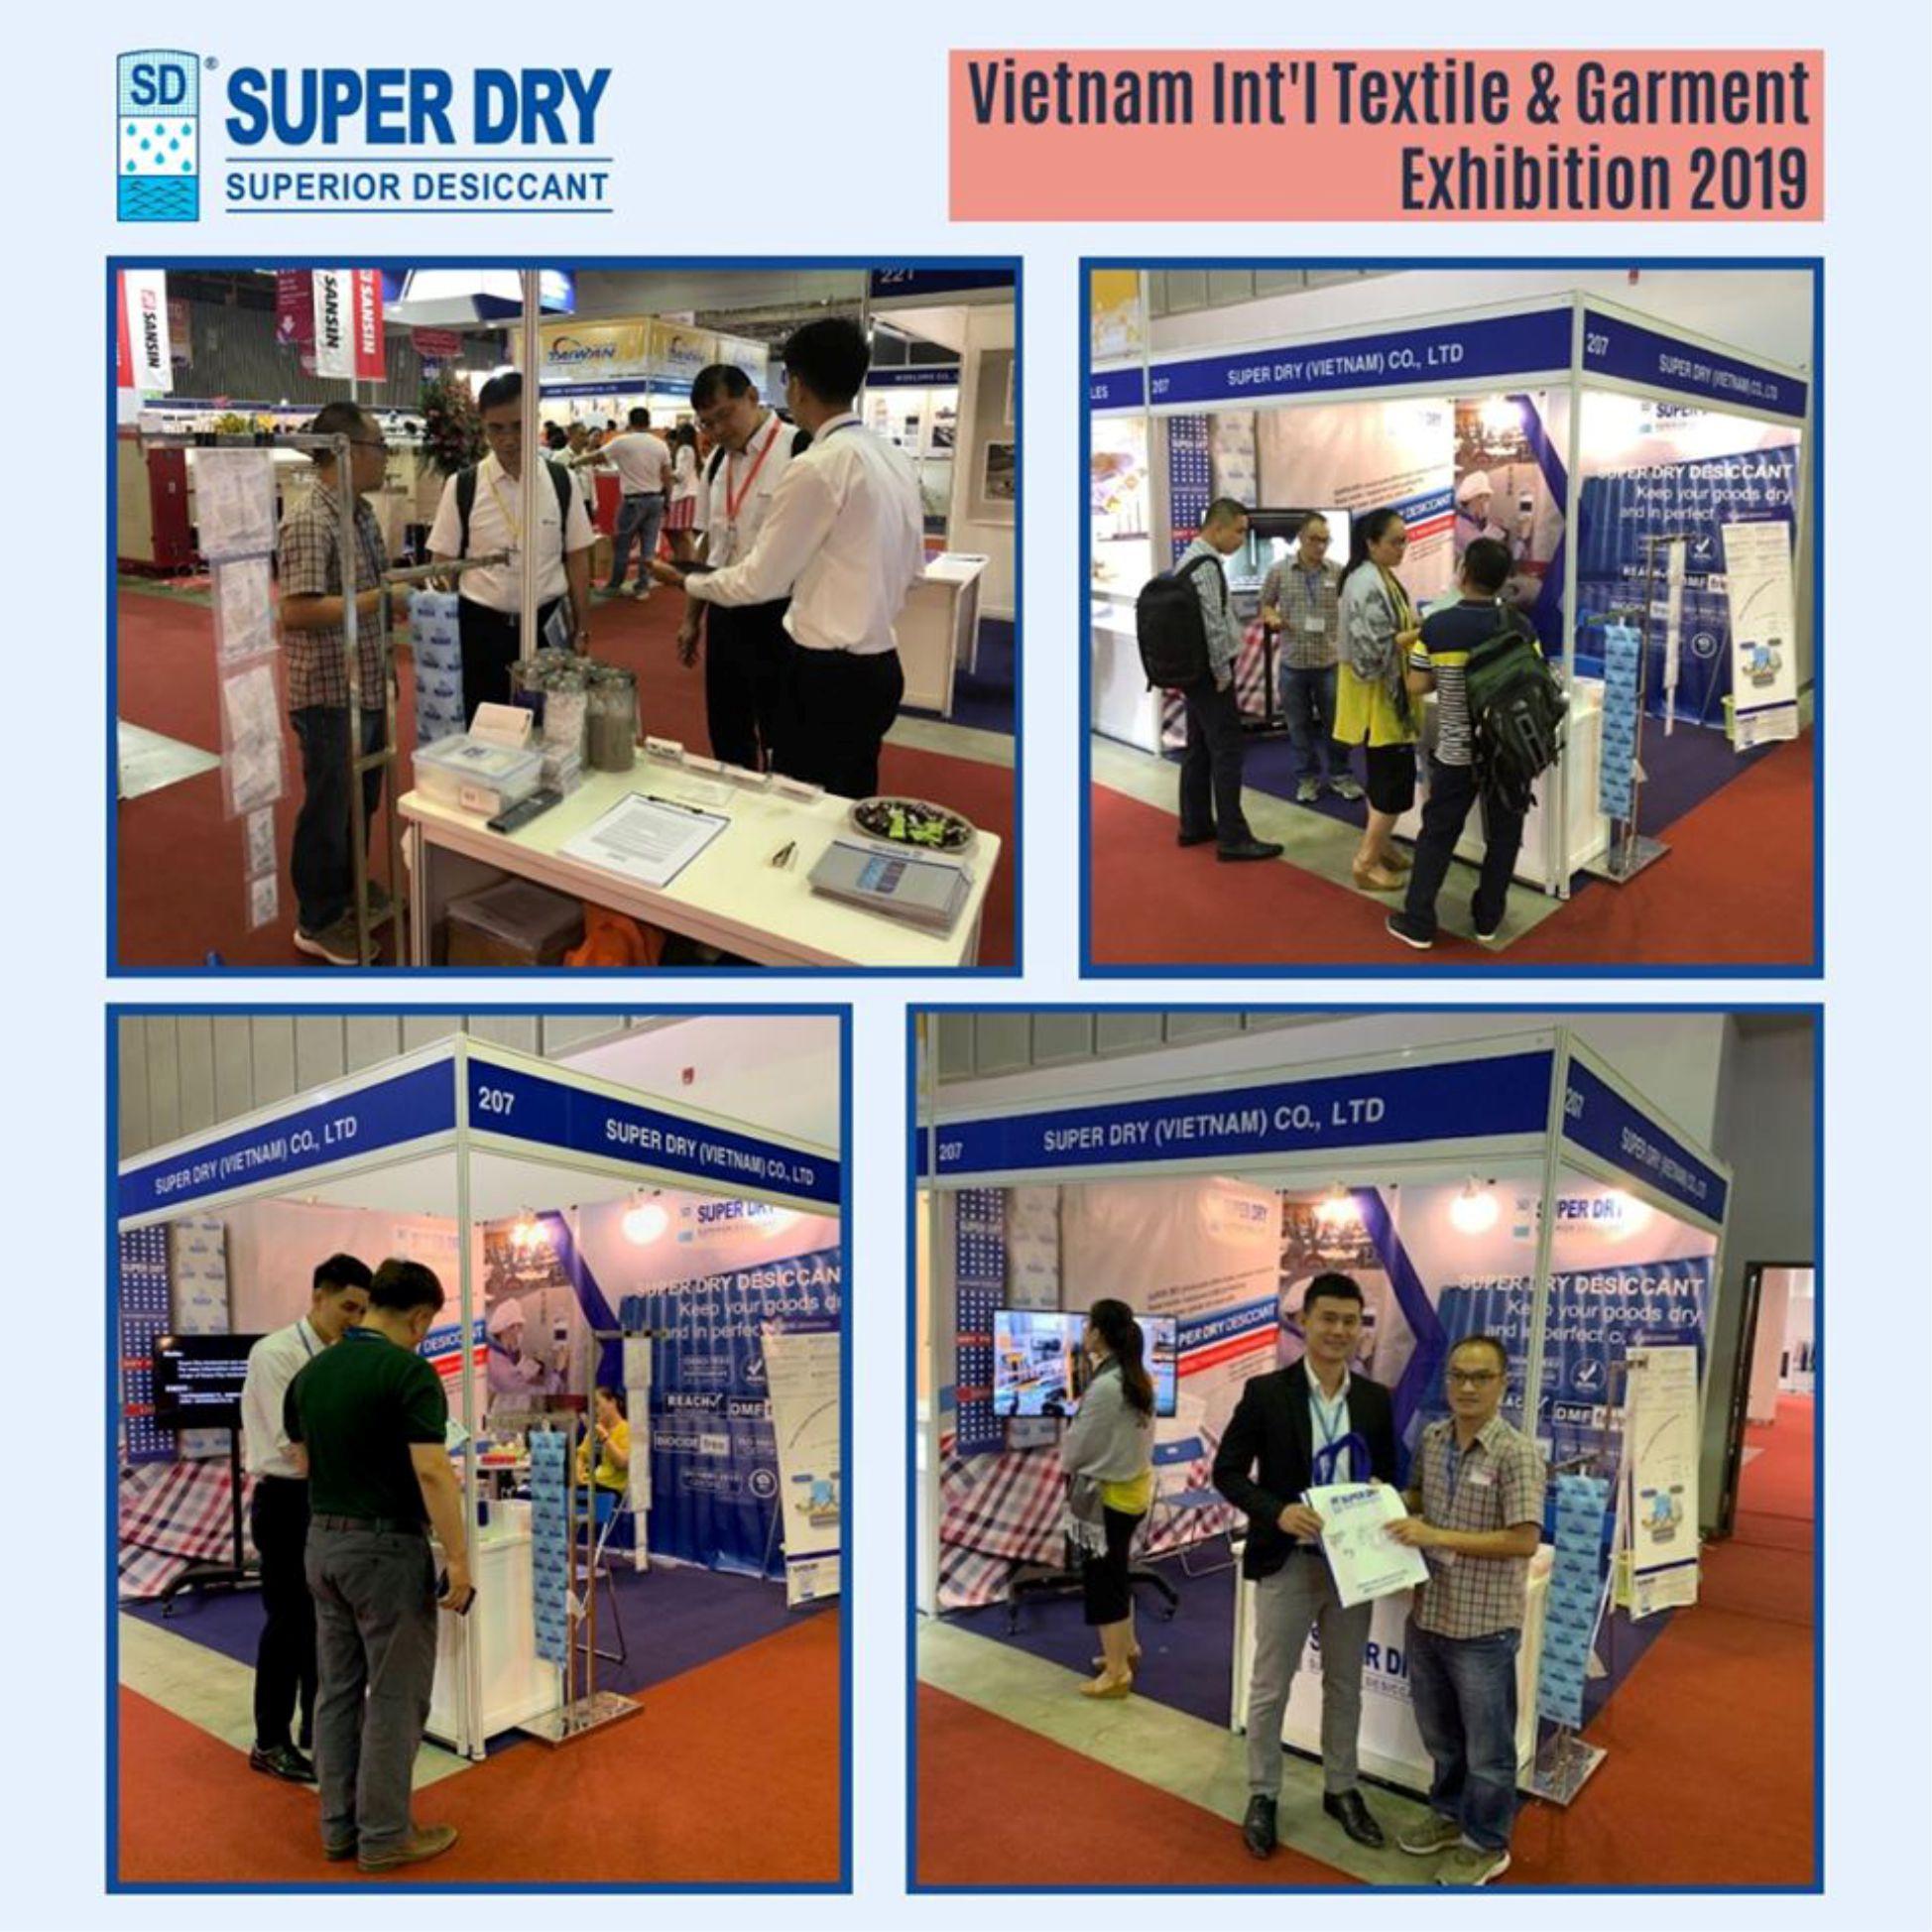 #VTG - Vietnam Int`l Textile & Garment Exhibition 2019